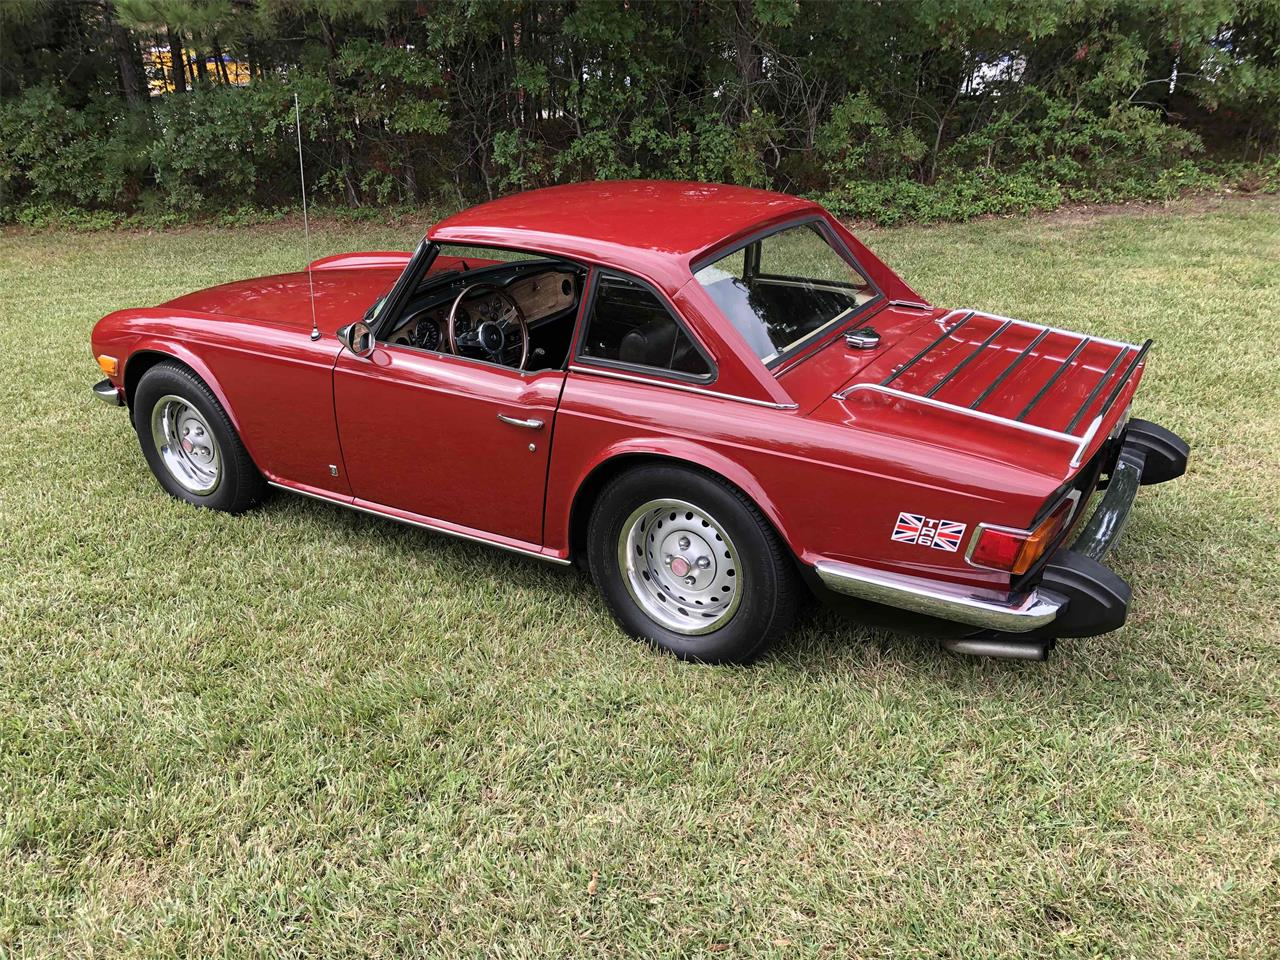 1975 Triumph TR6 (CC-1393079) for sale in Morrisville, North Carolina